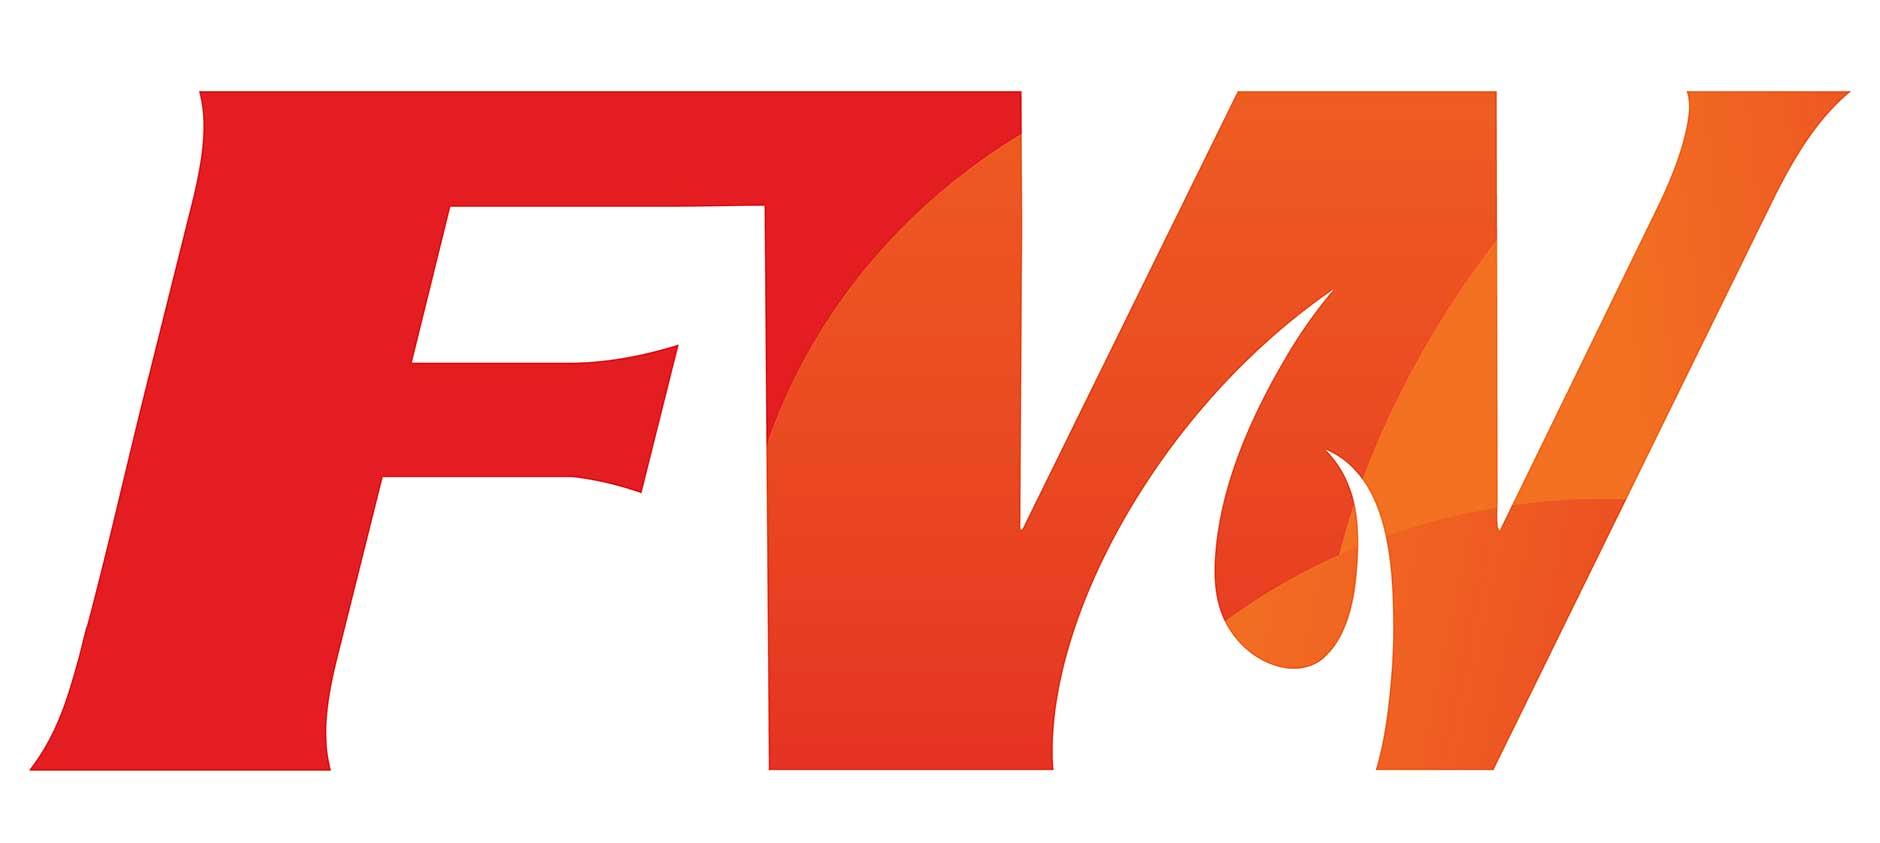 Firewise-FW_1